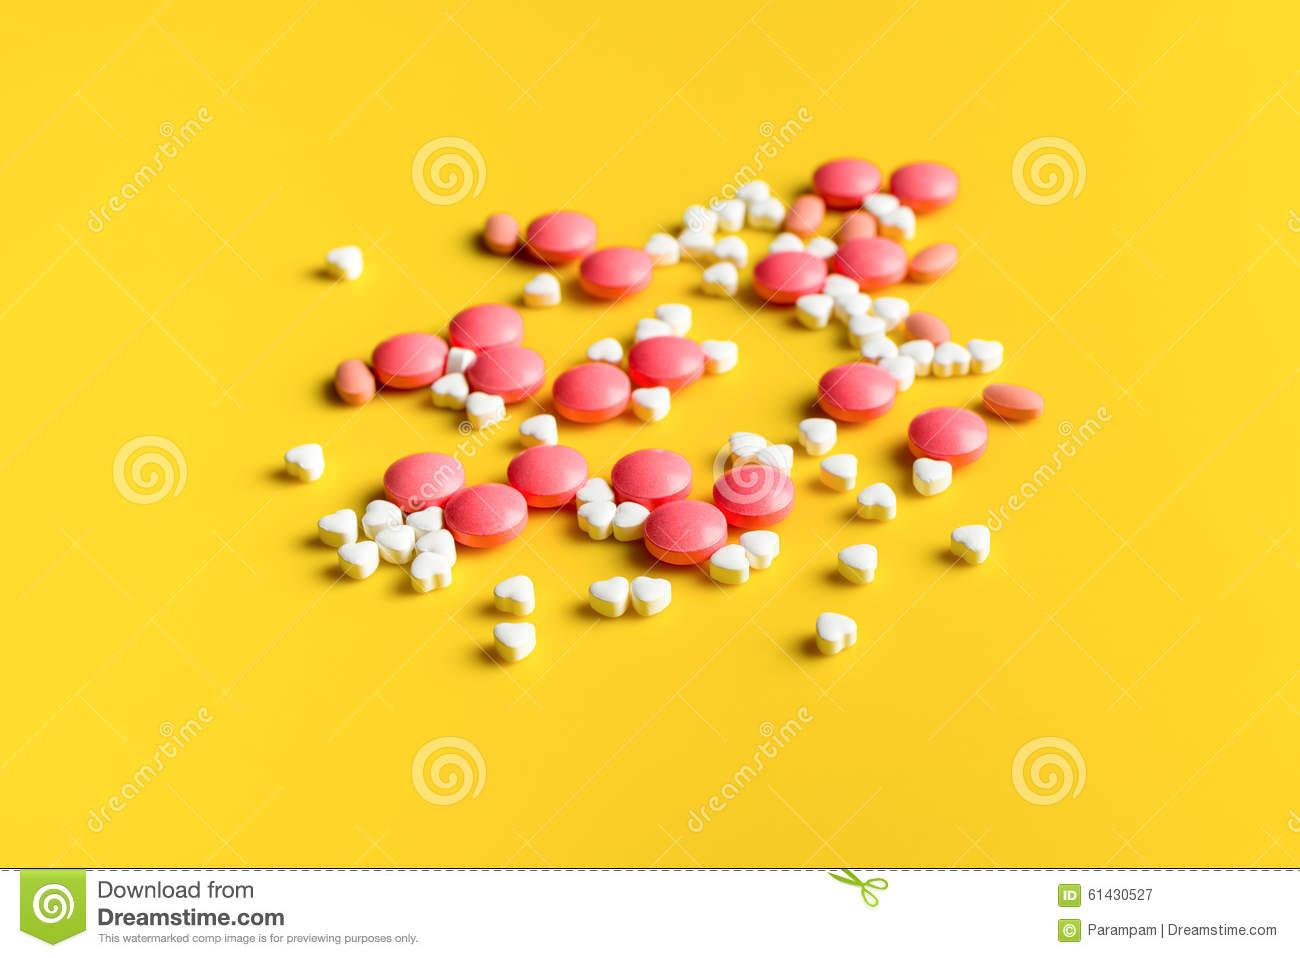 Disfunzione erettile, aumentano gli acquisti di Pillole dell'Amore online